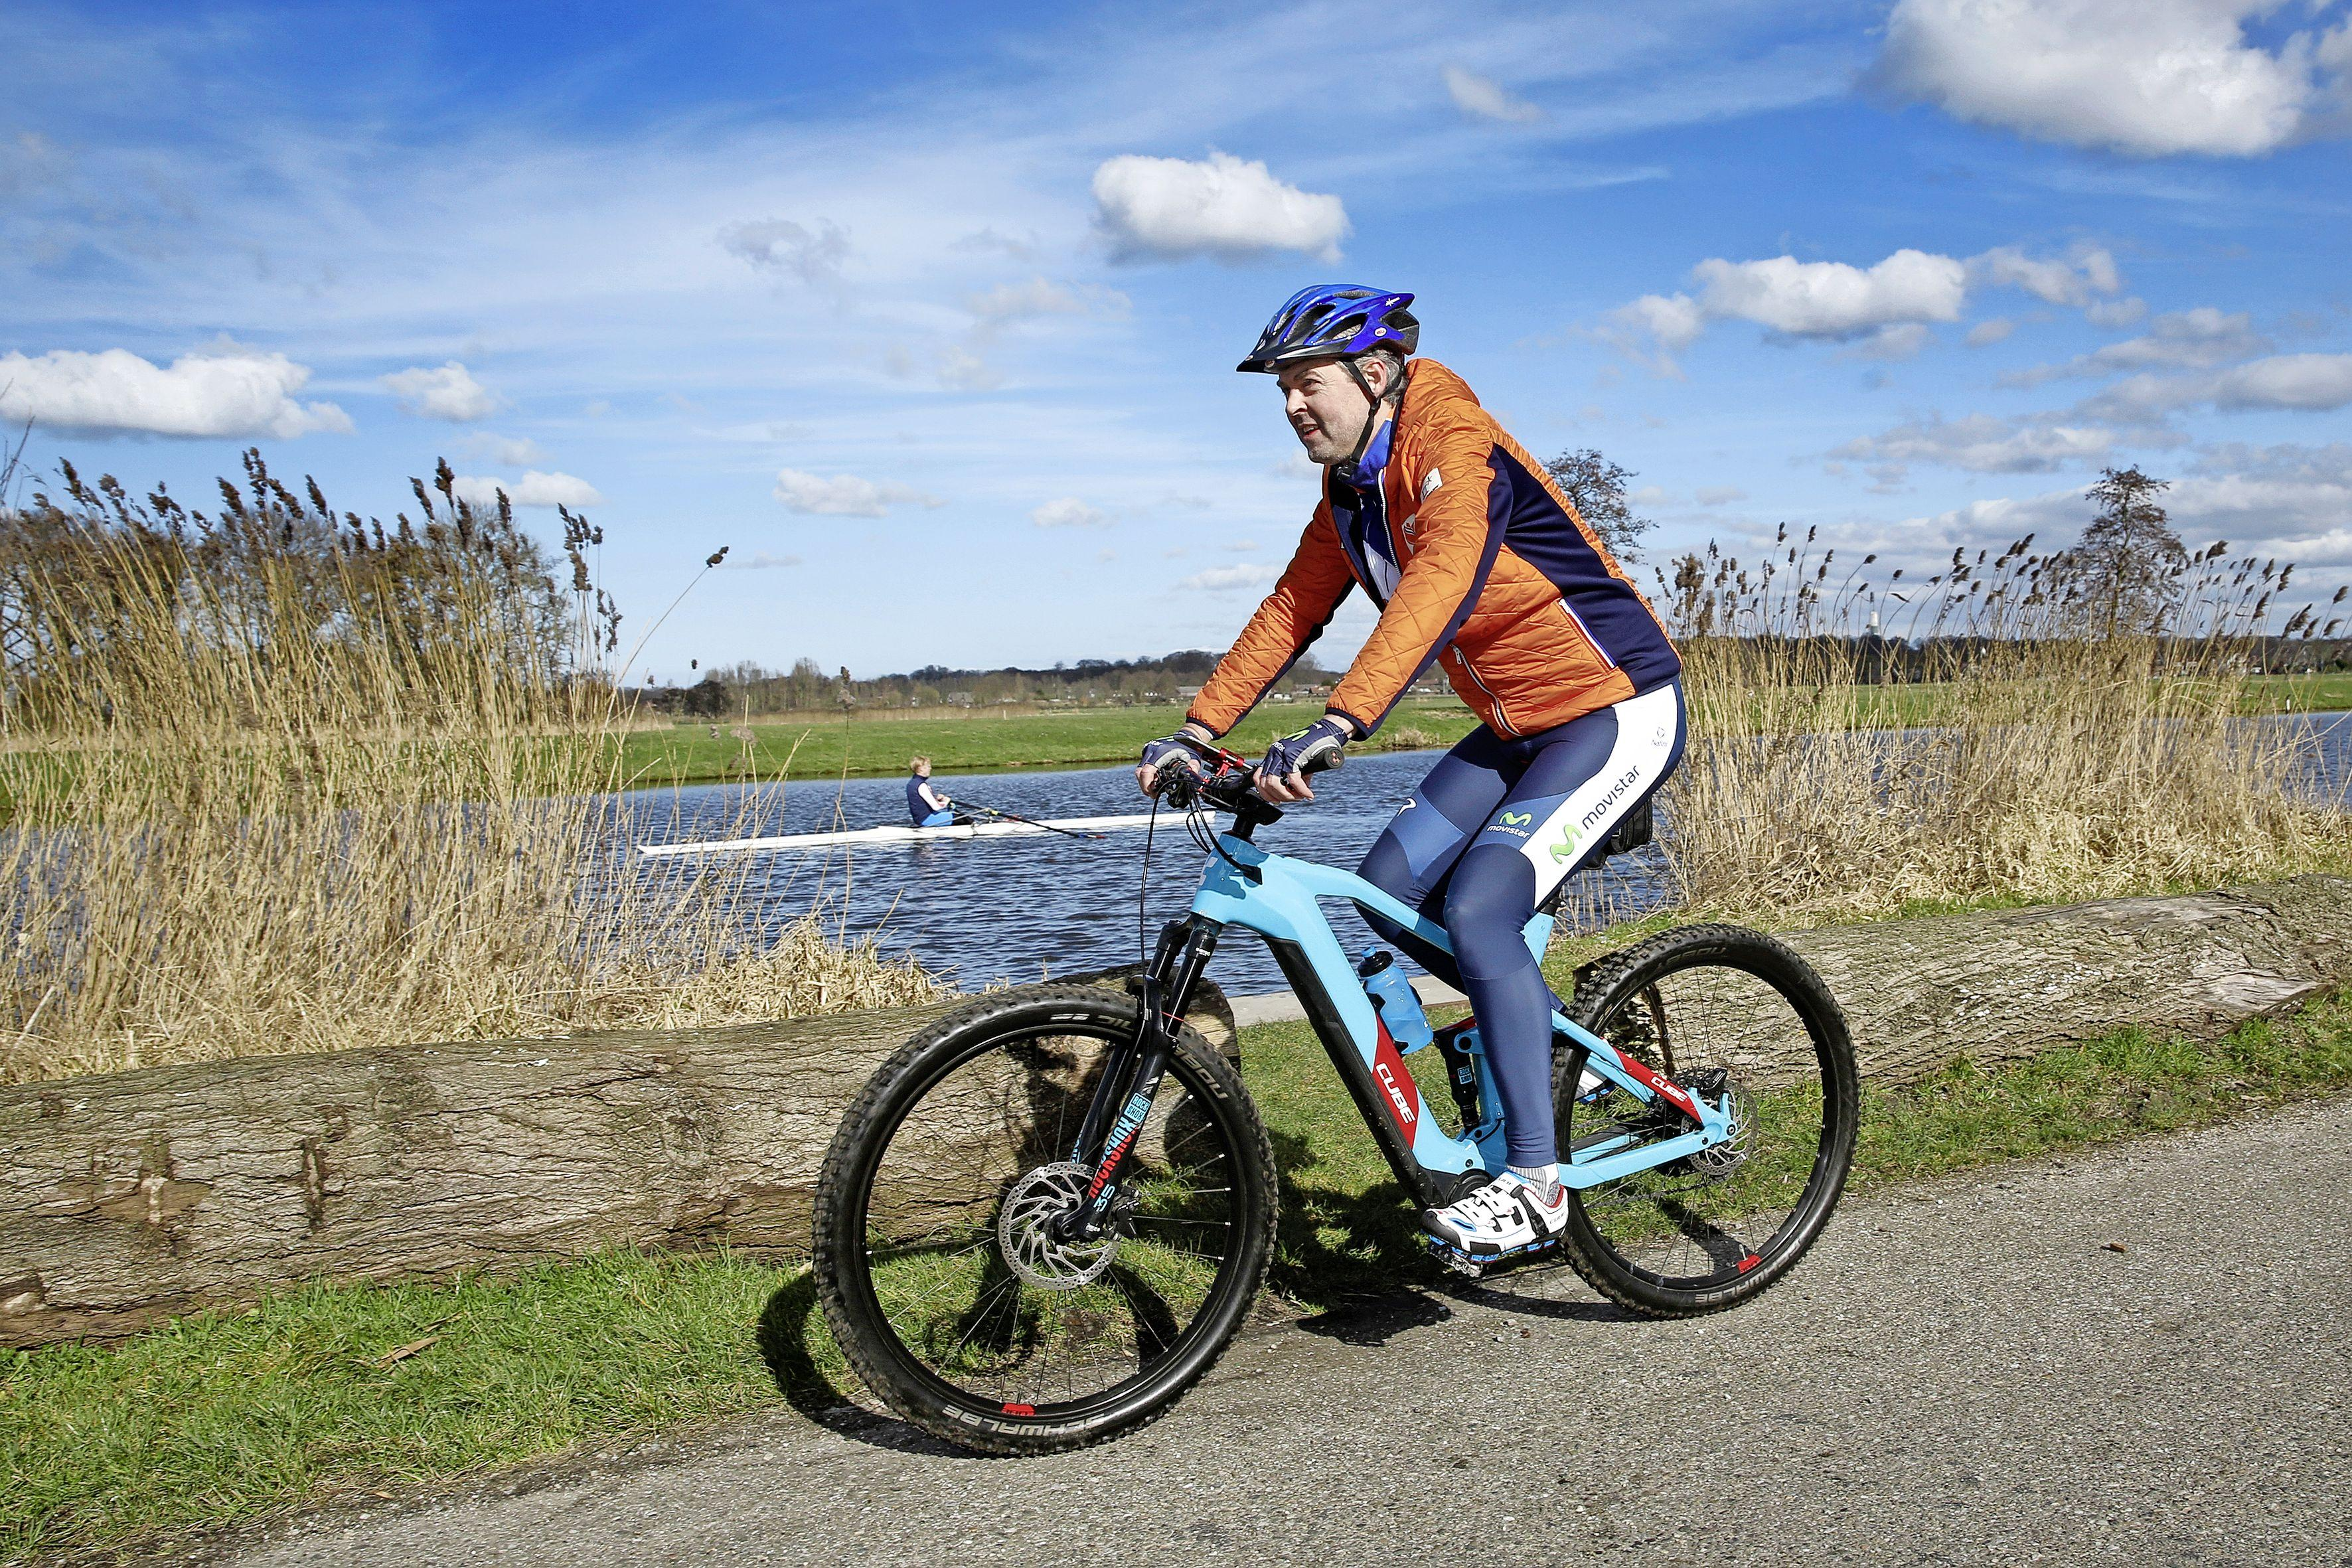 Campagne voeren in coronatijd: VVD'er rijdt op fiets het land door met tussenstop in Hilversum